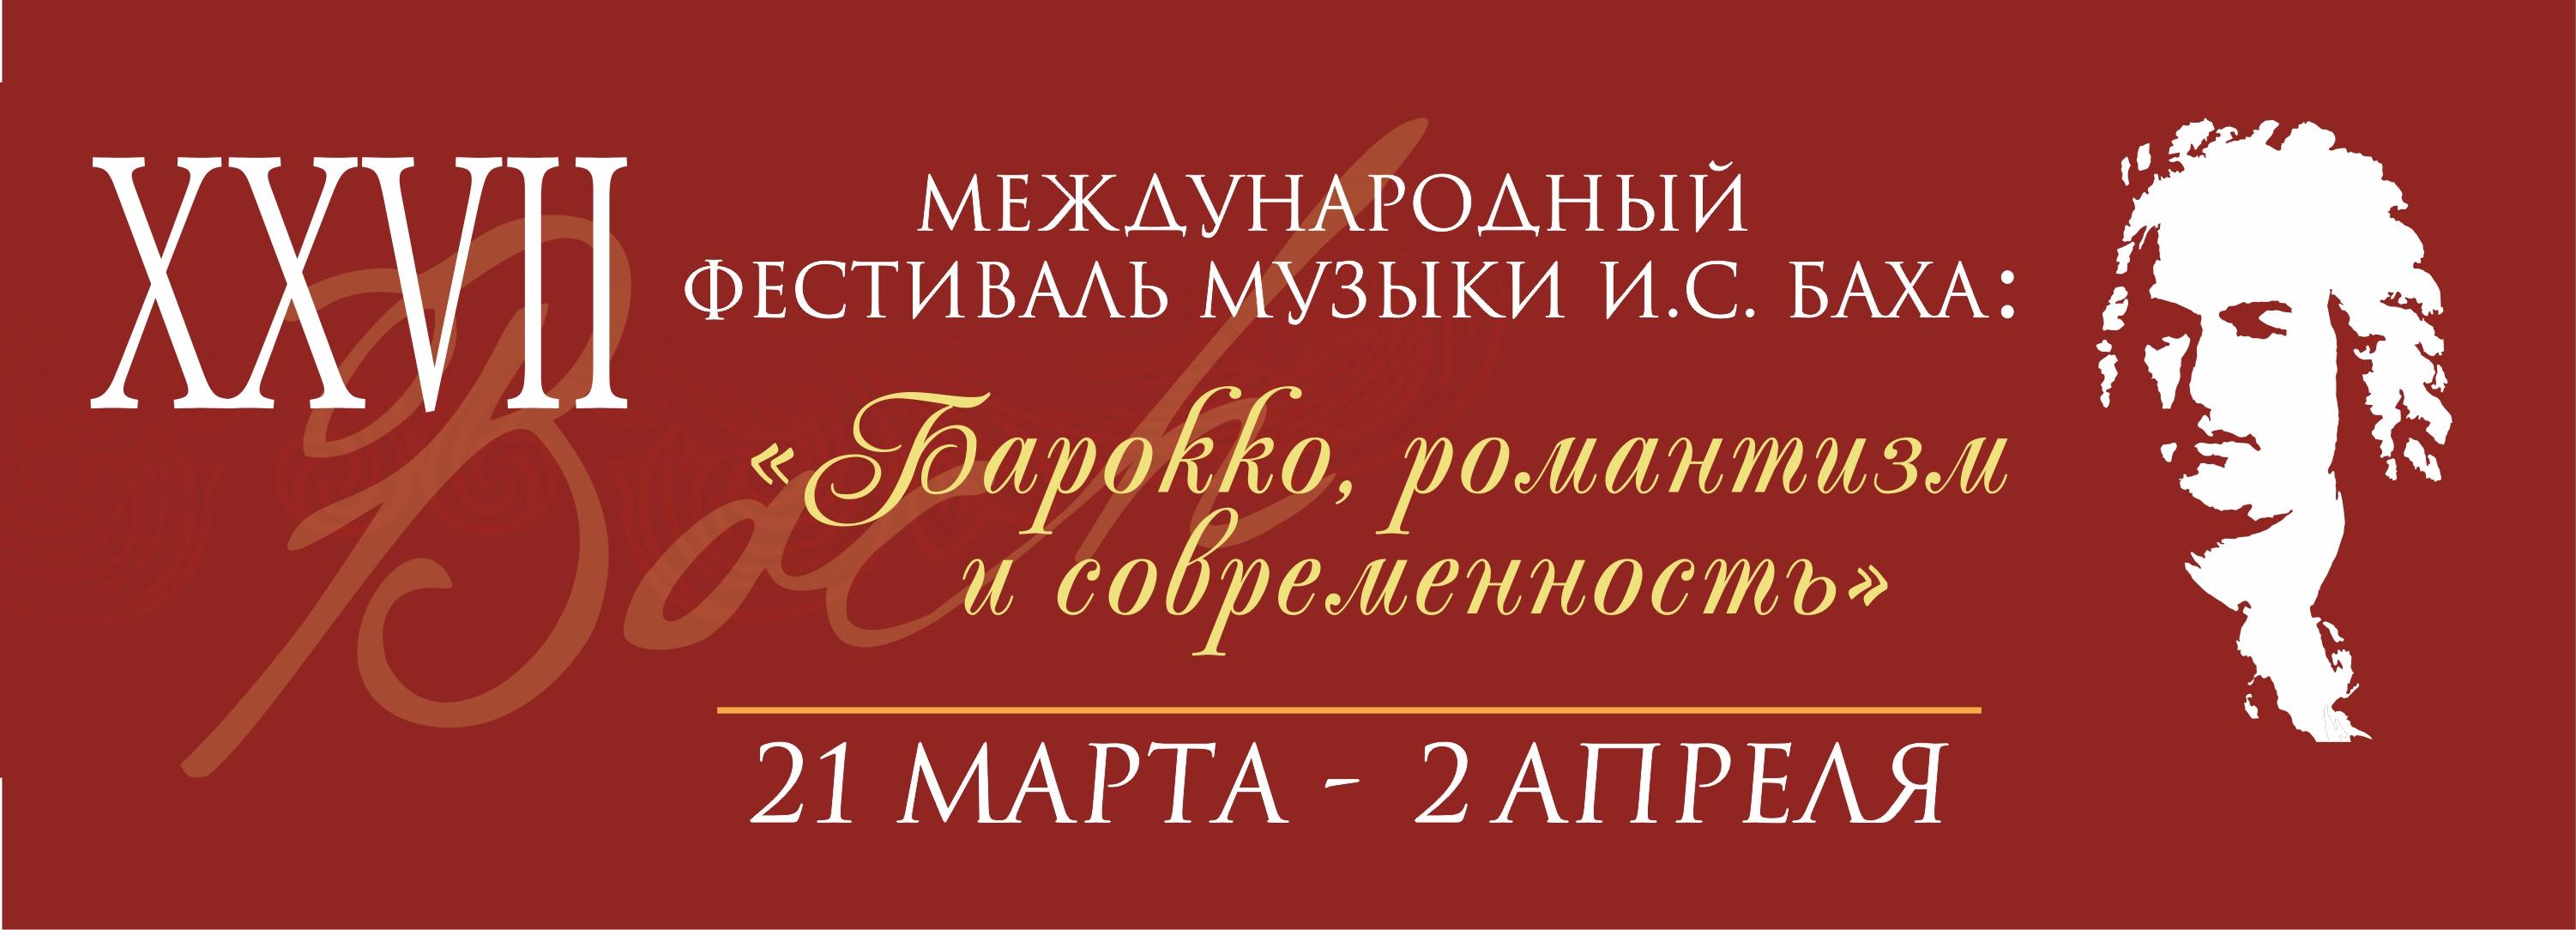 В Твери пройдет международный фестиваль музыки И.С.Баха